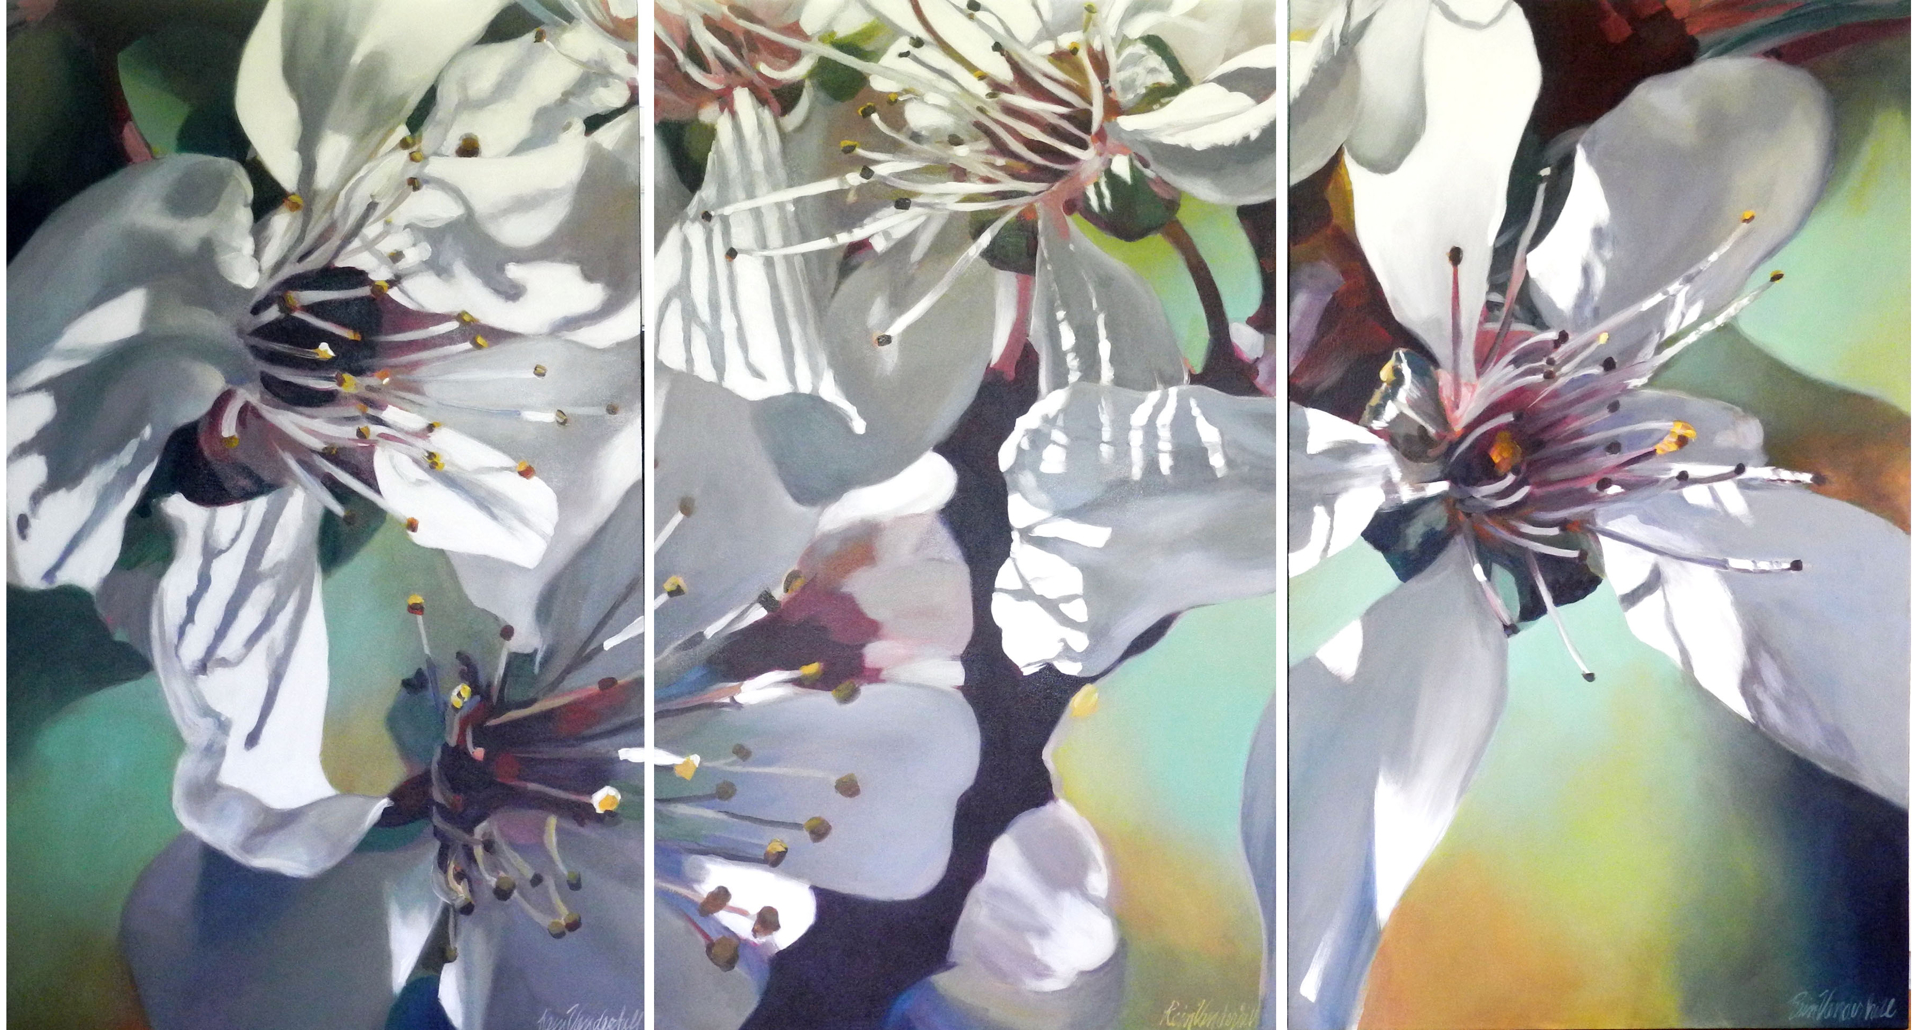 Stamen Shadowed Plum Blossoms by Rein Vanderhill